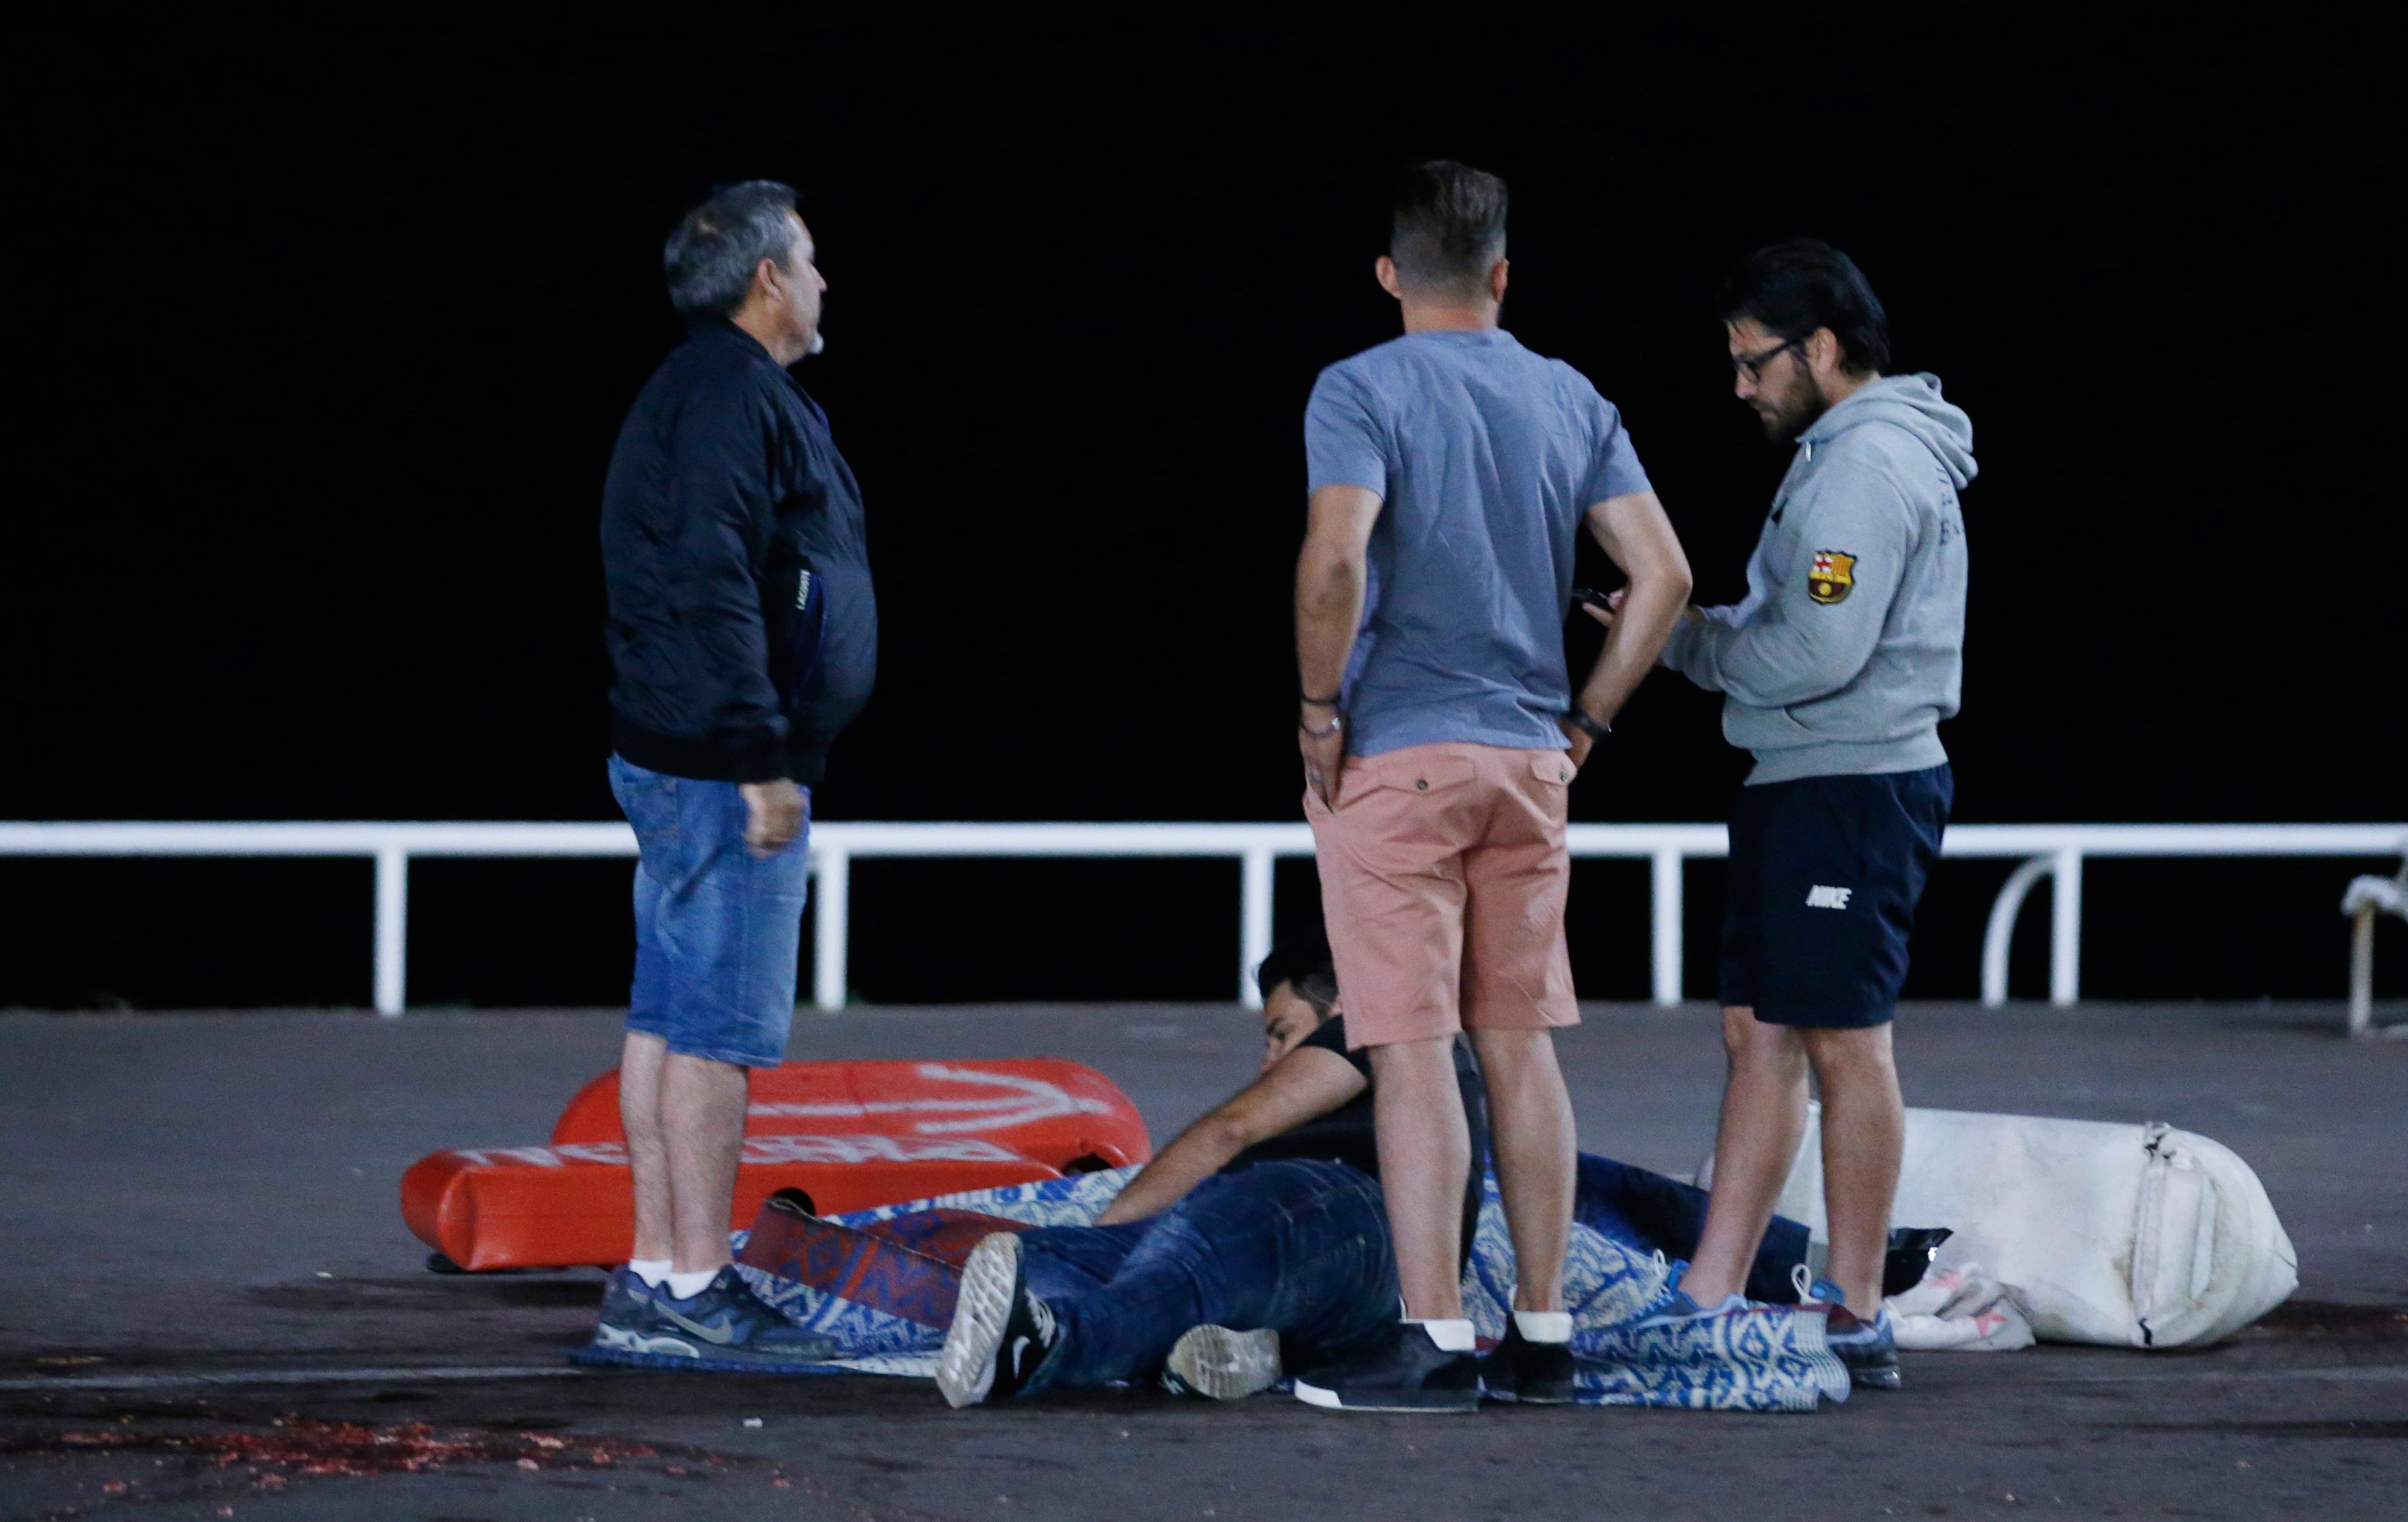 СРОЧНО! Теракт в Ницце, что произошло и как погибло 84 человека хроника (8 фото + 8 видео)